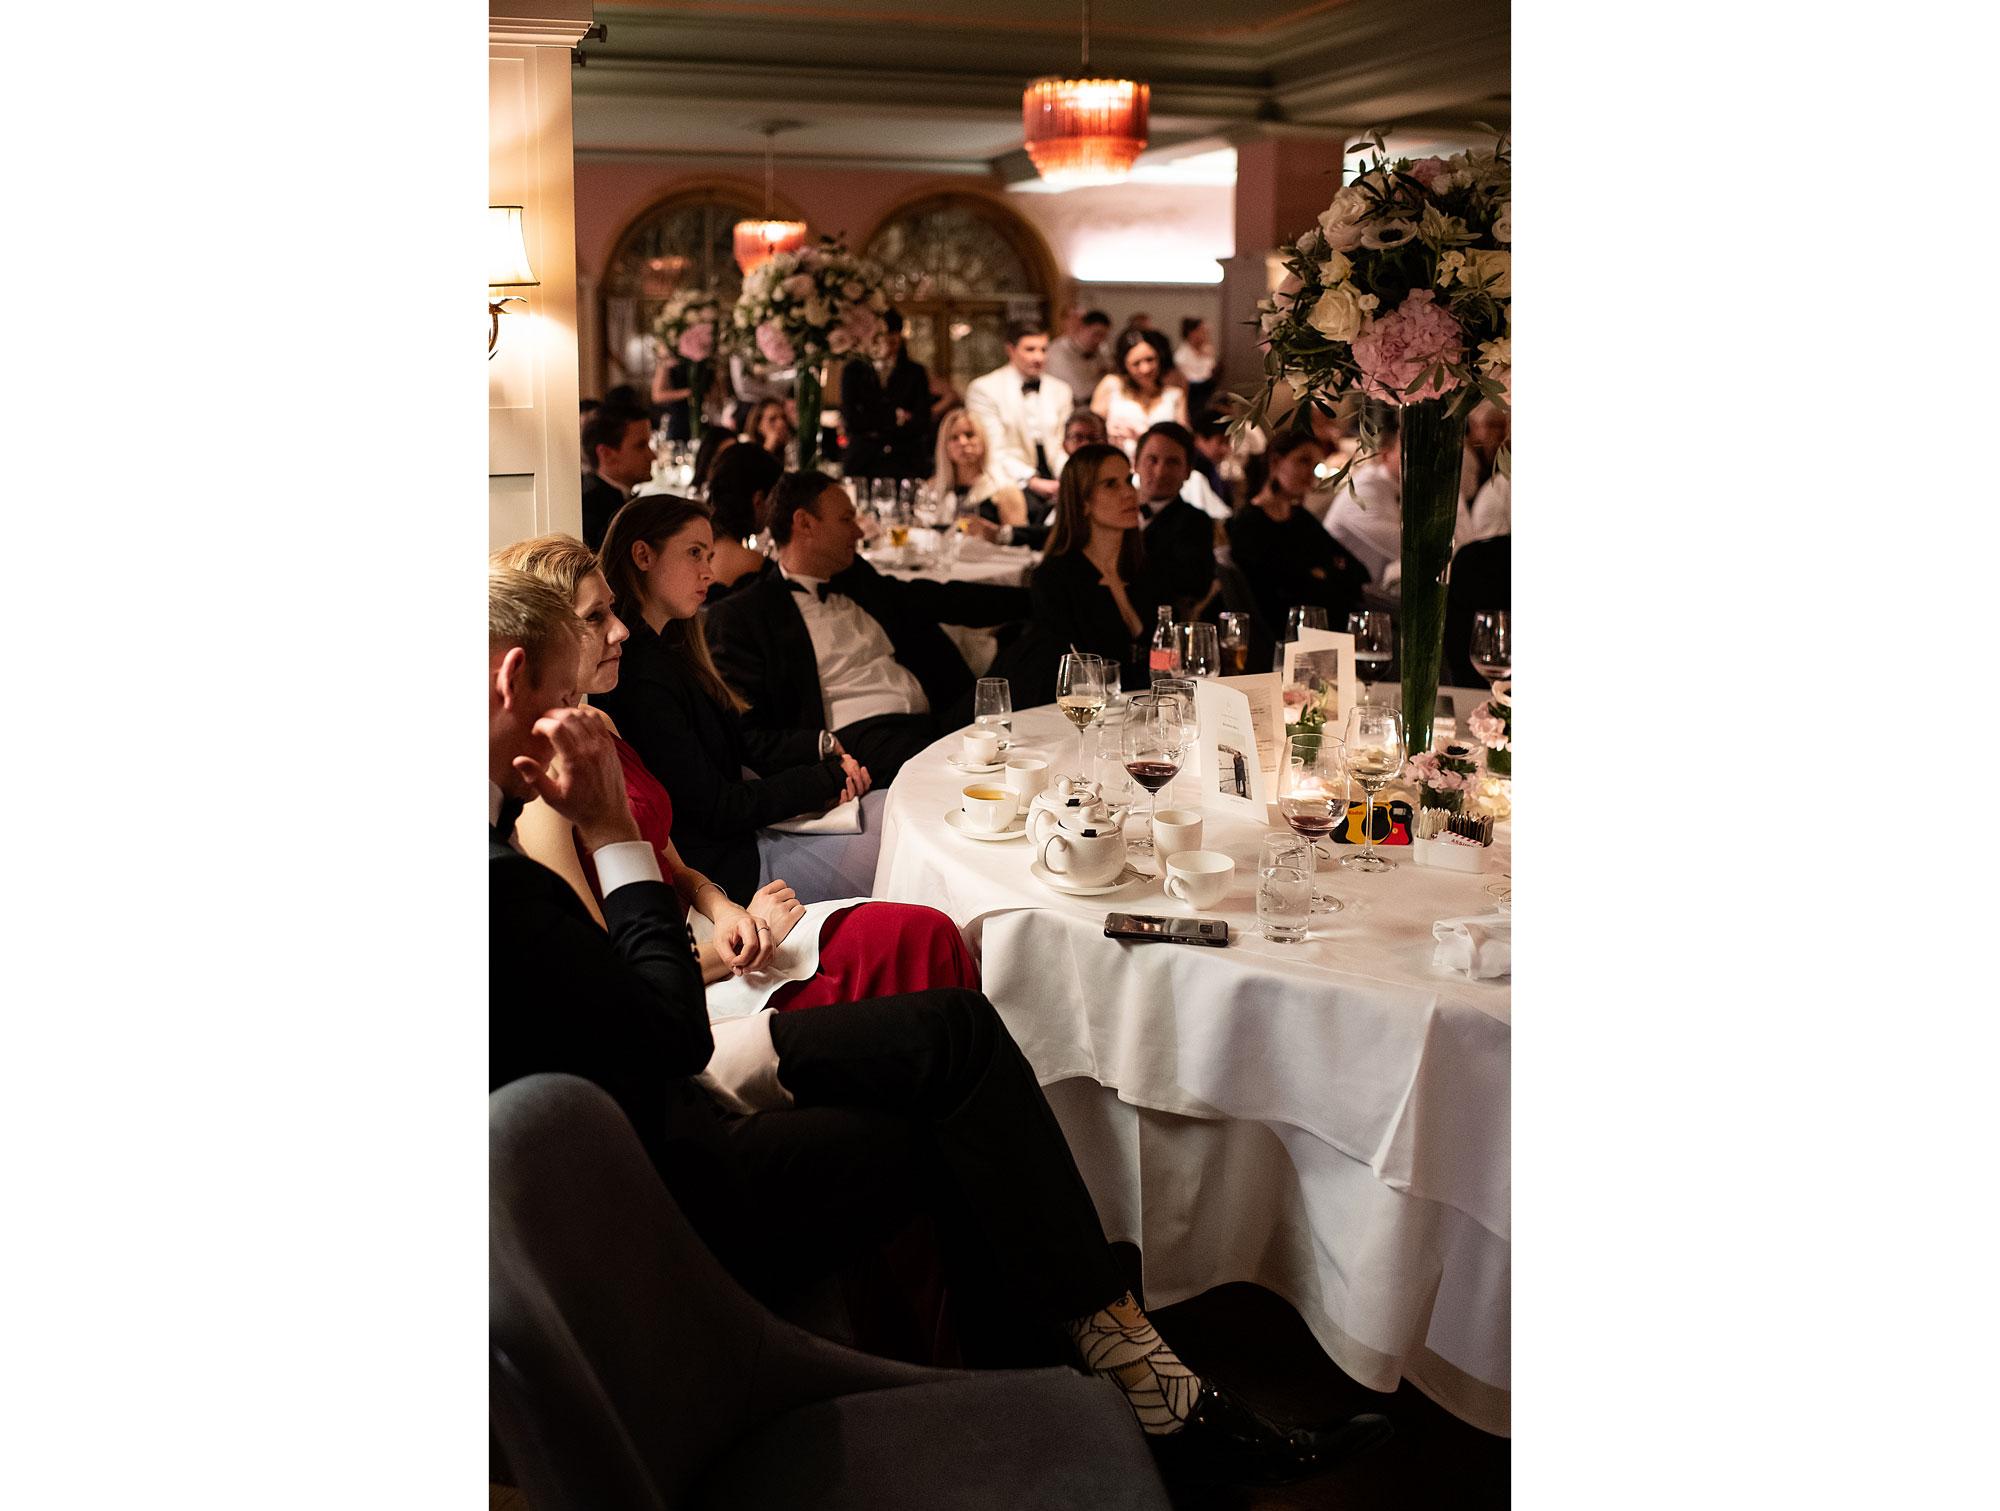 karin_tom_Gstaad_wedding-37.jpg